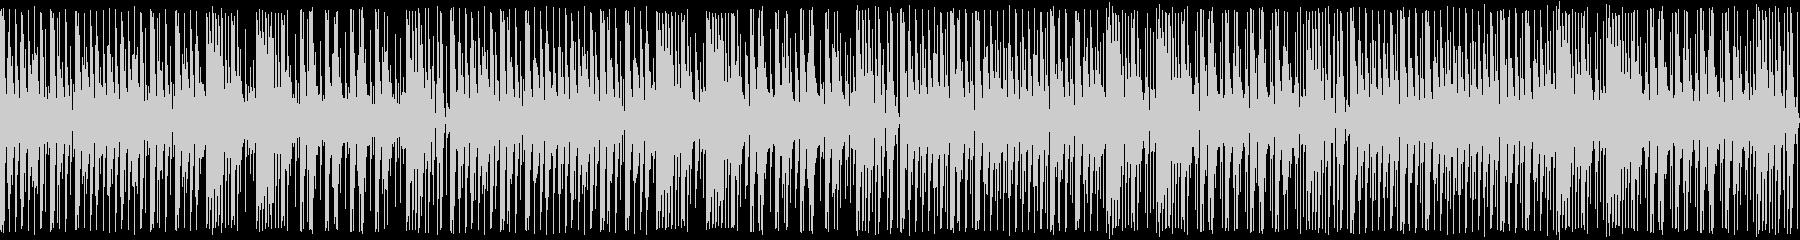 【ループ版】YouTubeアコギ木琴の未再生の波形